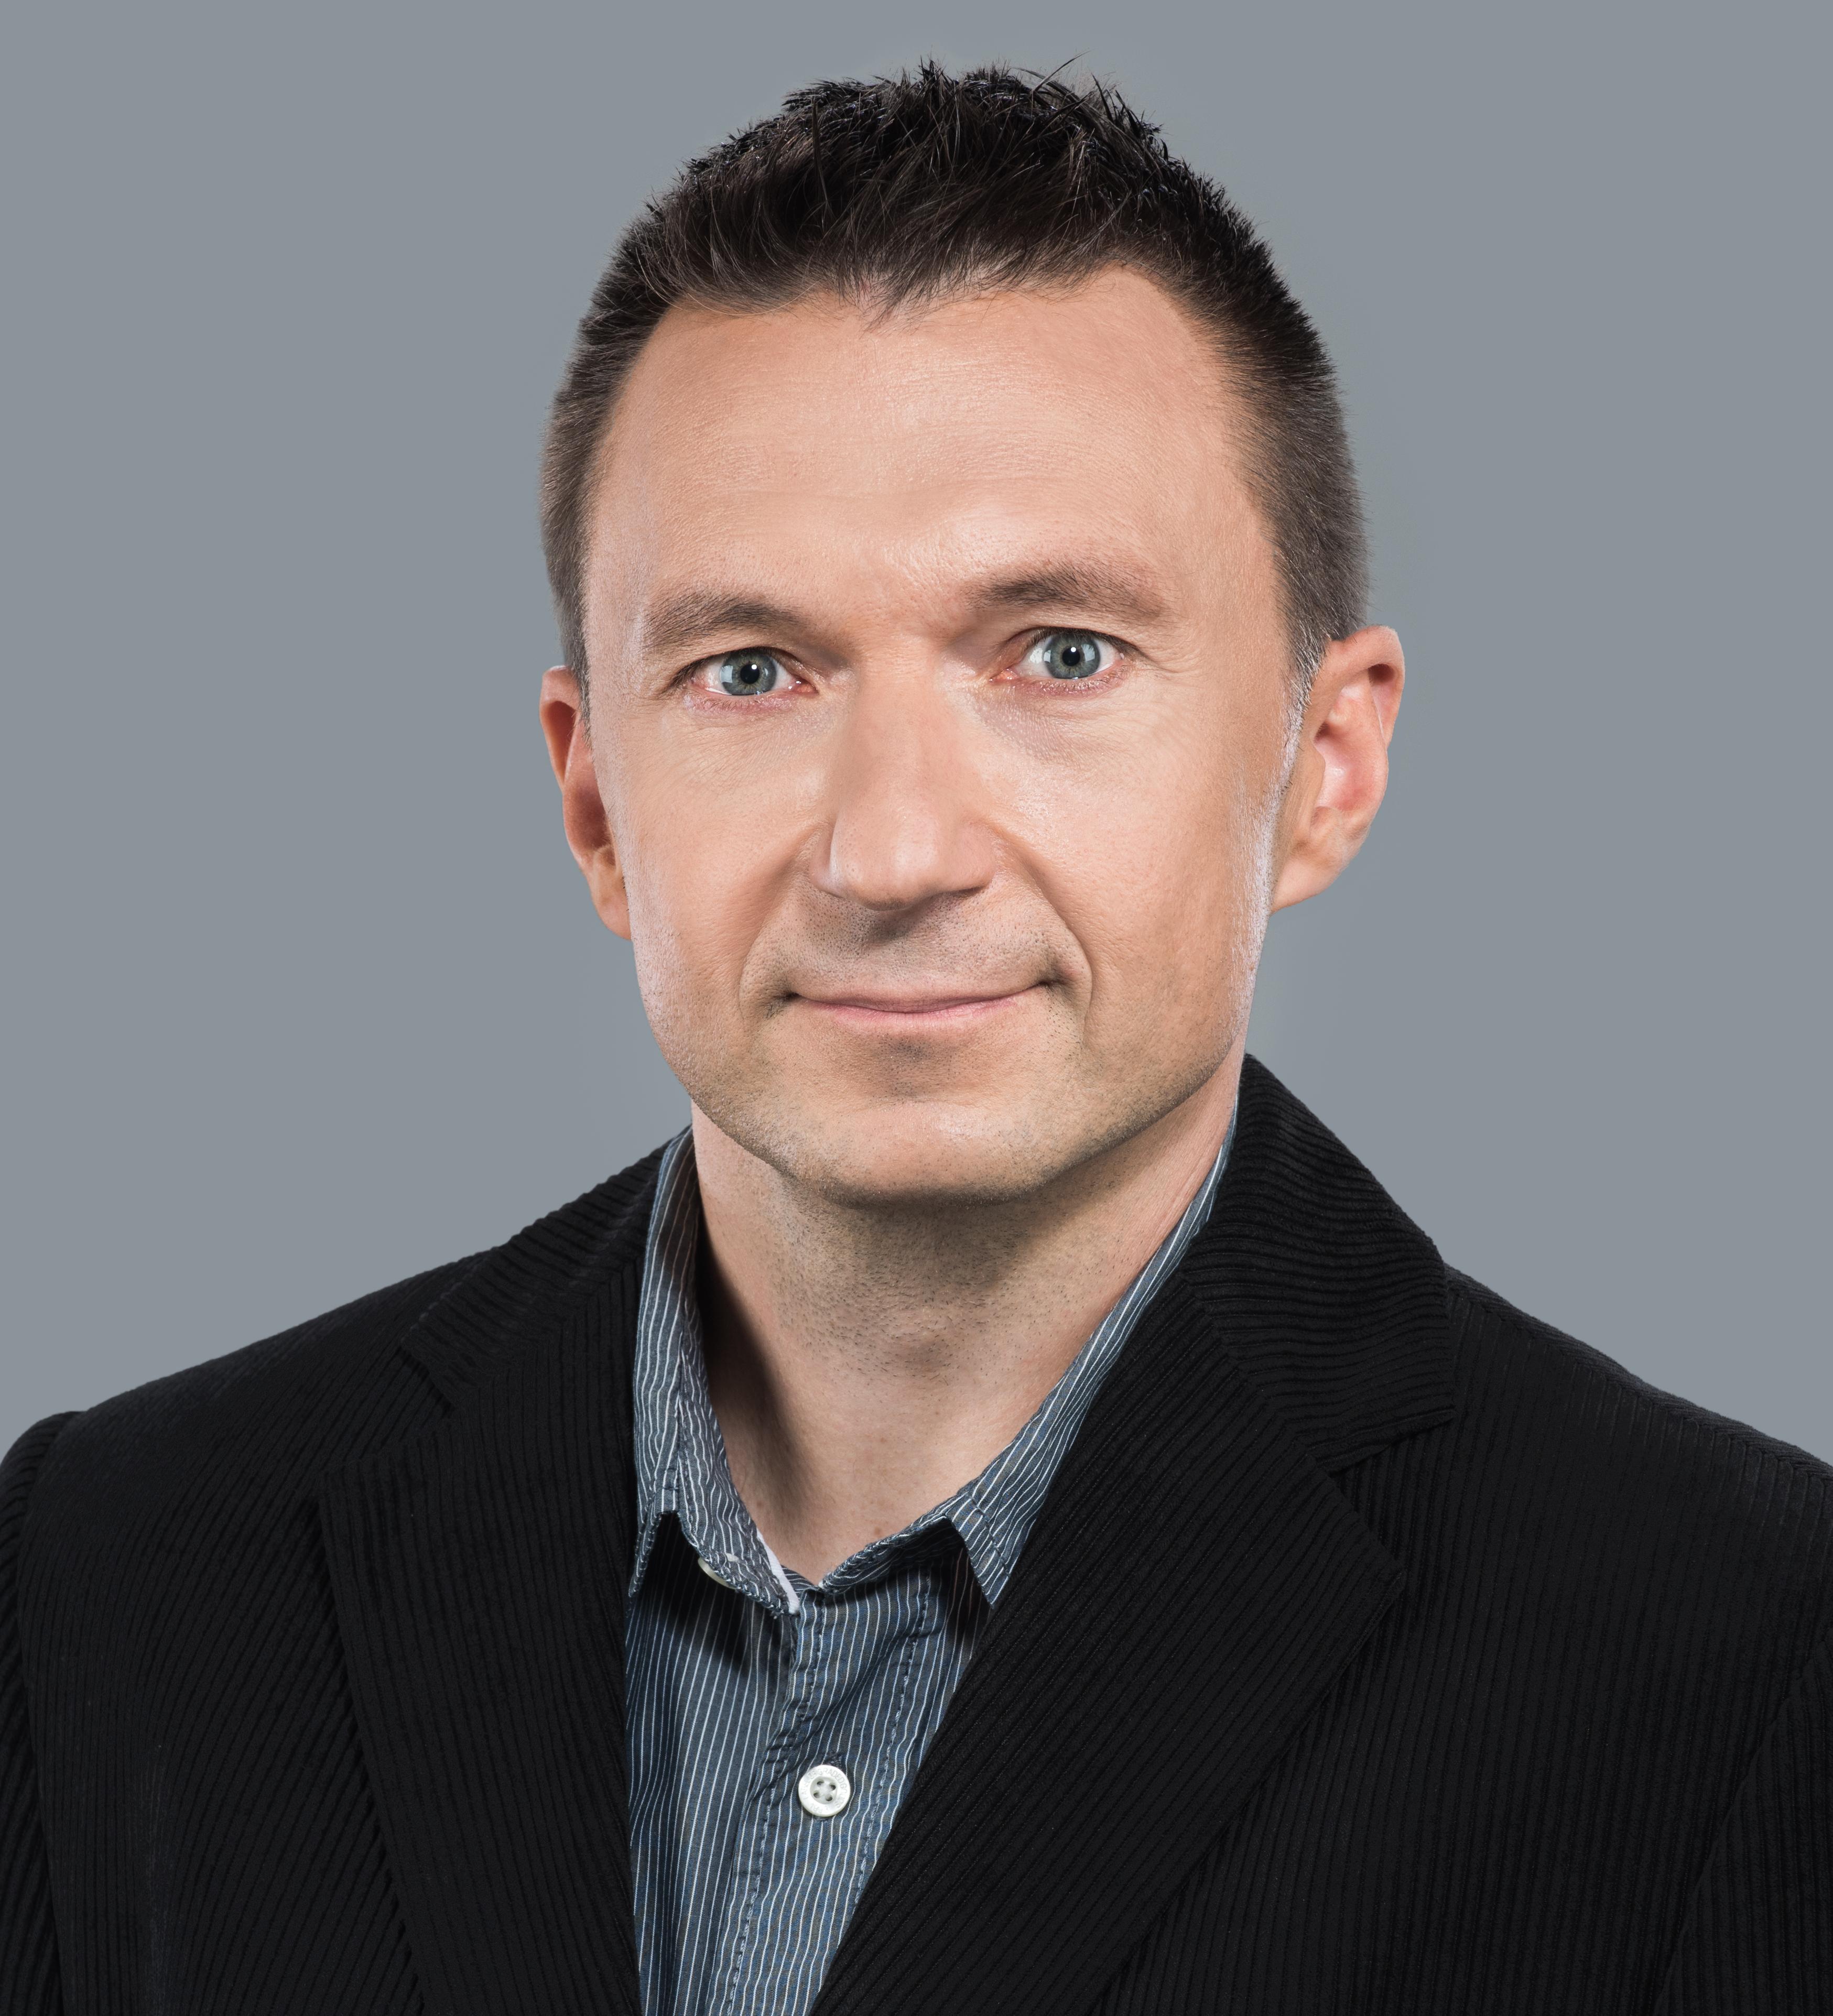 Tomasz Truszkiewicz